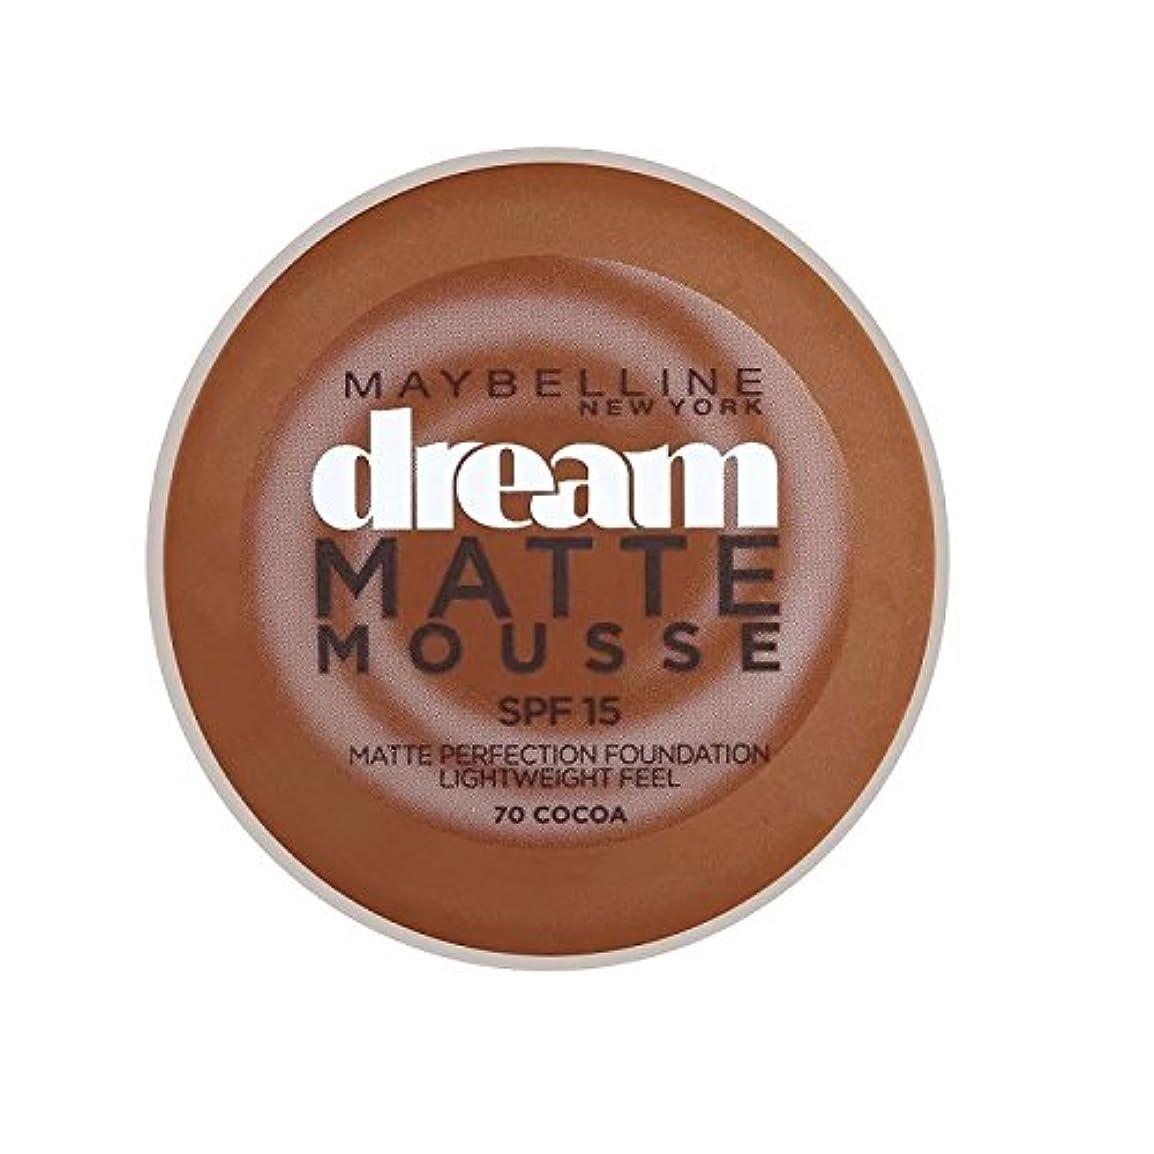 共和党ドーム脅迫Maybelline Dream Matte Mousse Foundation 70 Cocoa 10ml - メイベリン夢のマットムース基盤70ココア10ミリリットル [並行輸入品]